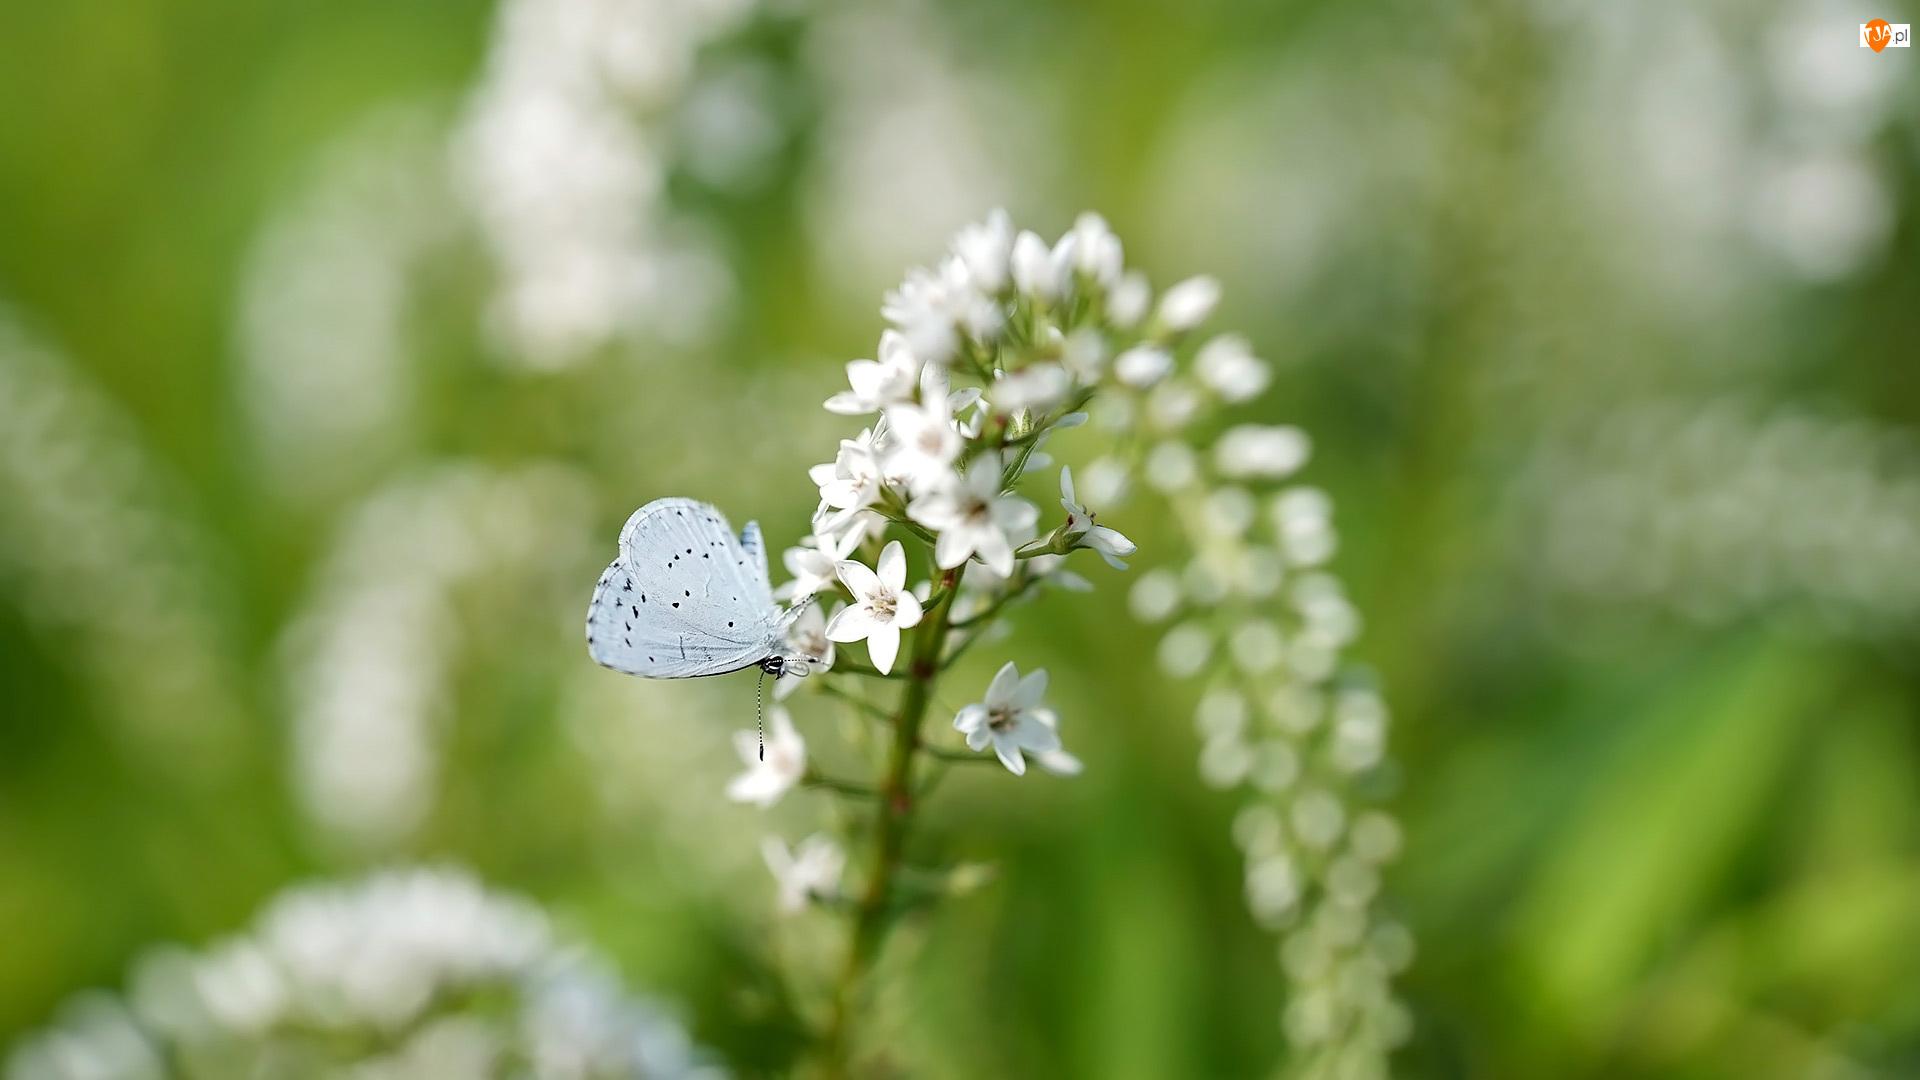 Modraszek wieszczek, Kwiat, Tojeść, Motyl